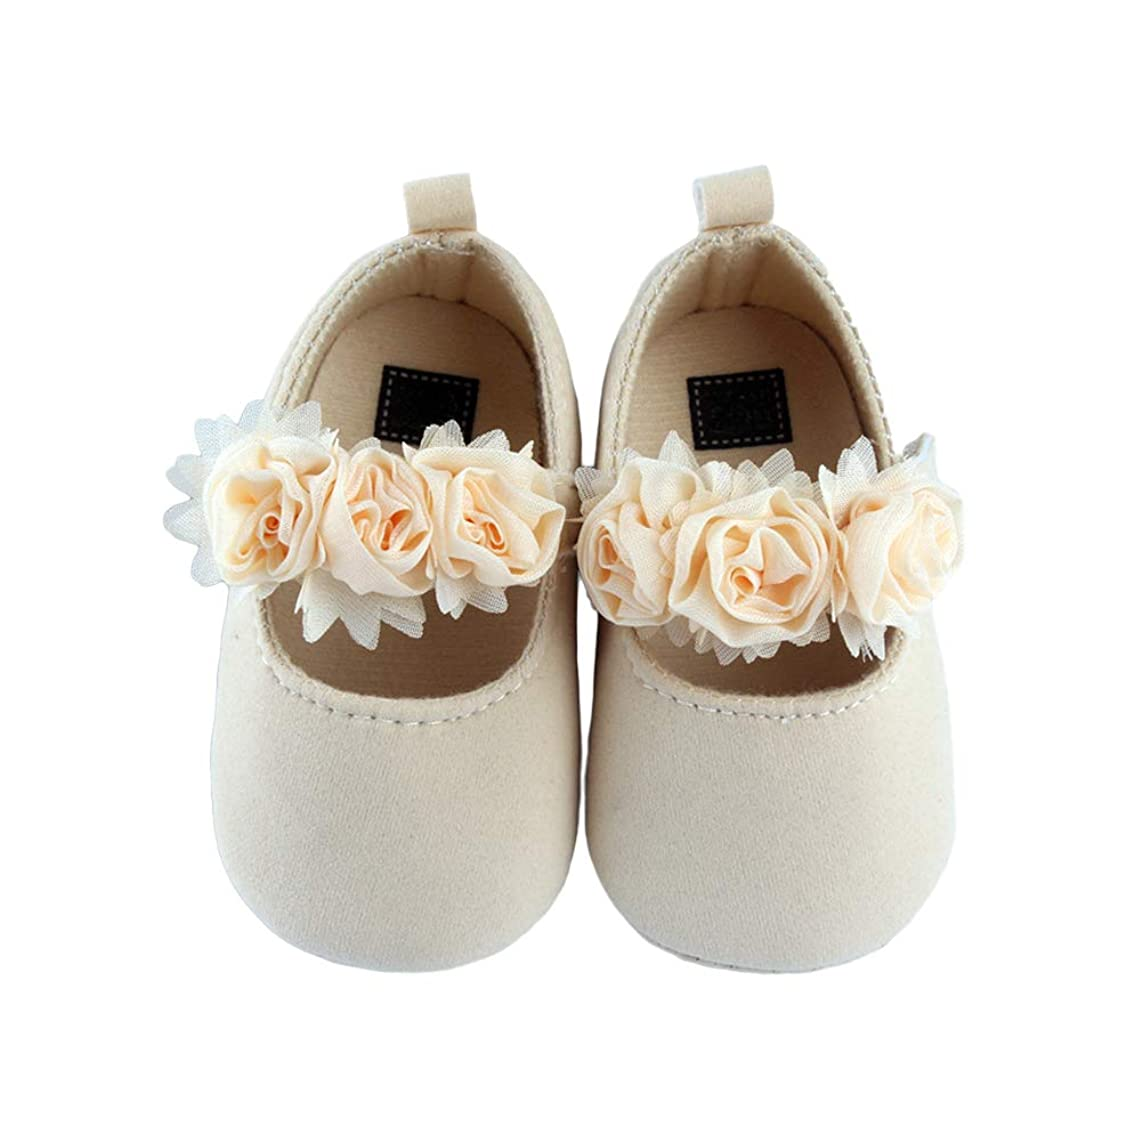 宝石外観フィットFENICAL ベビー幼児靴ベビーフラワーノンスリップソフトソールシューズベビーガールズ(ライトアプリコット)